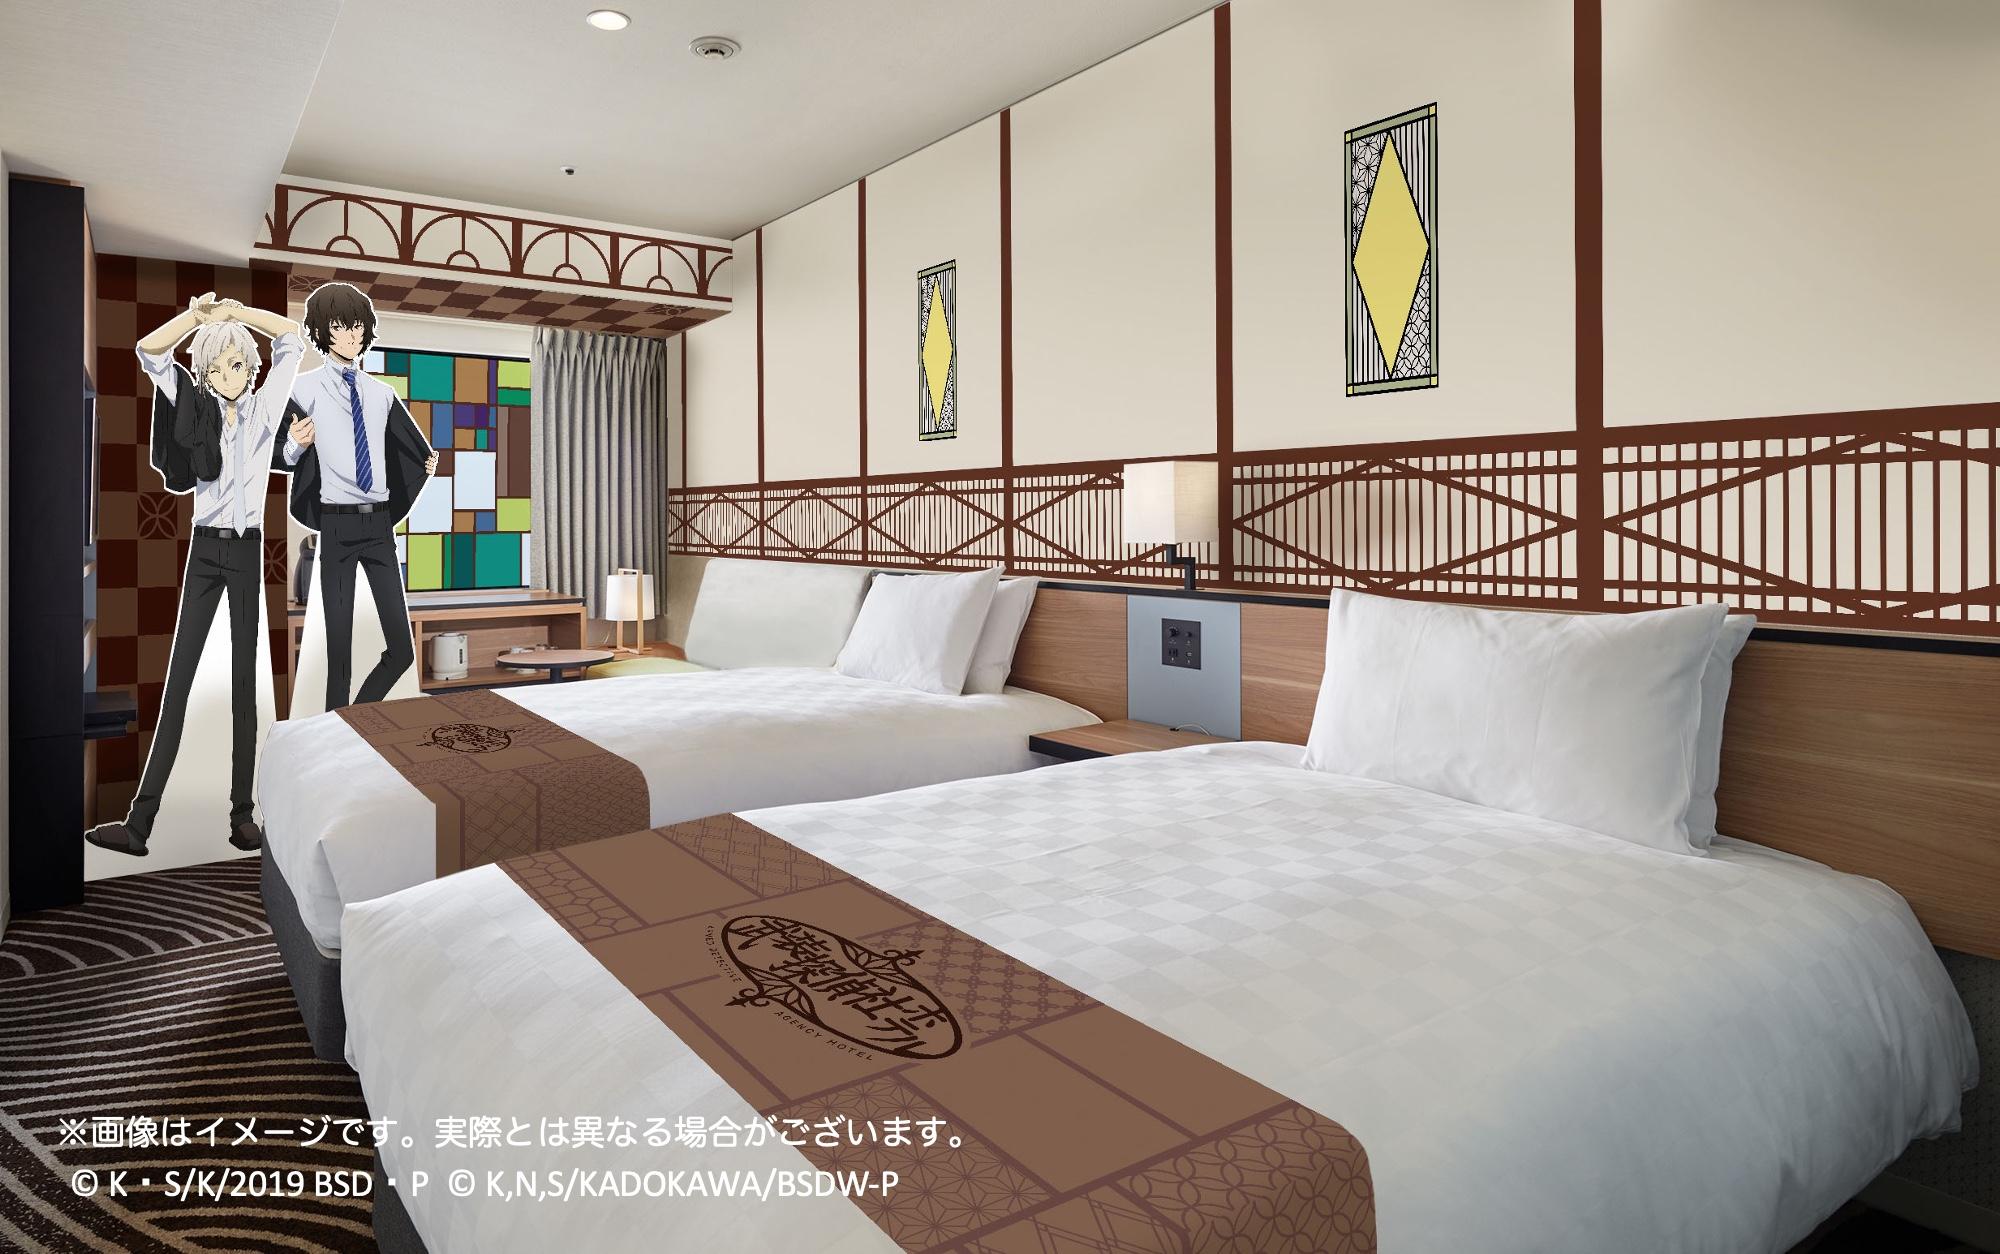 「文豪ストレイドッグス」×「イケプリ25」武装探偵社ホテル